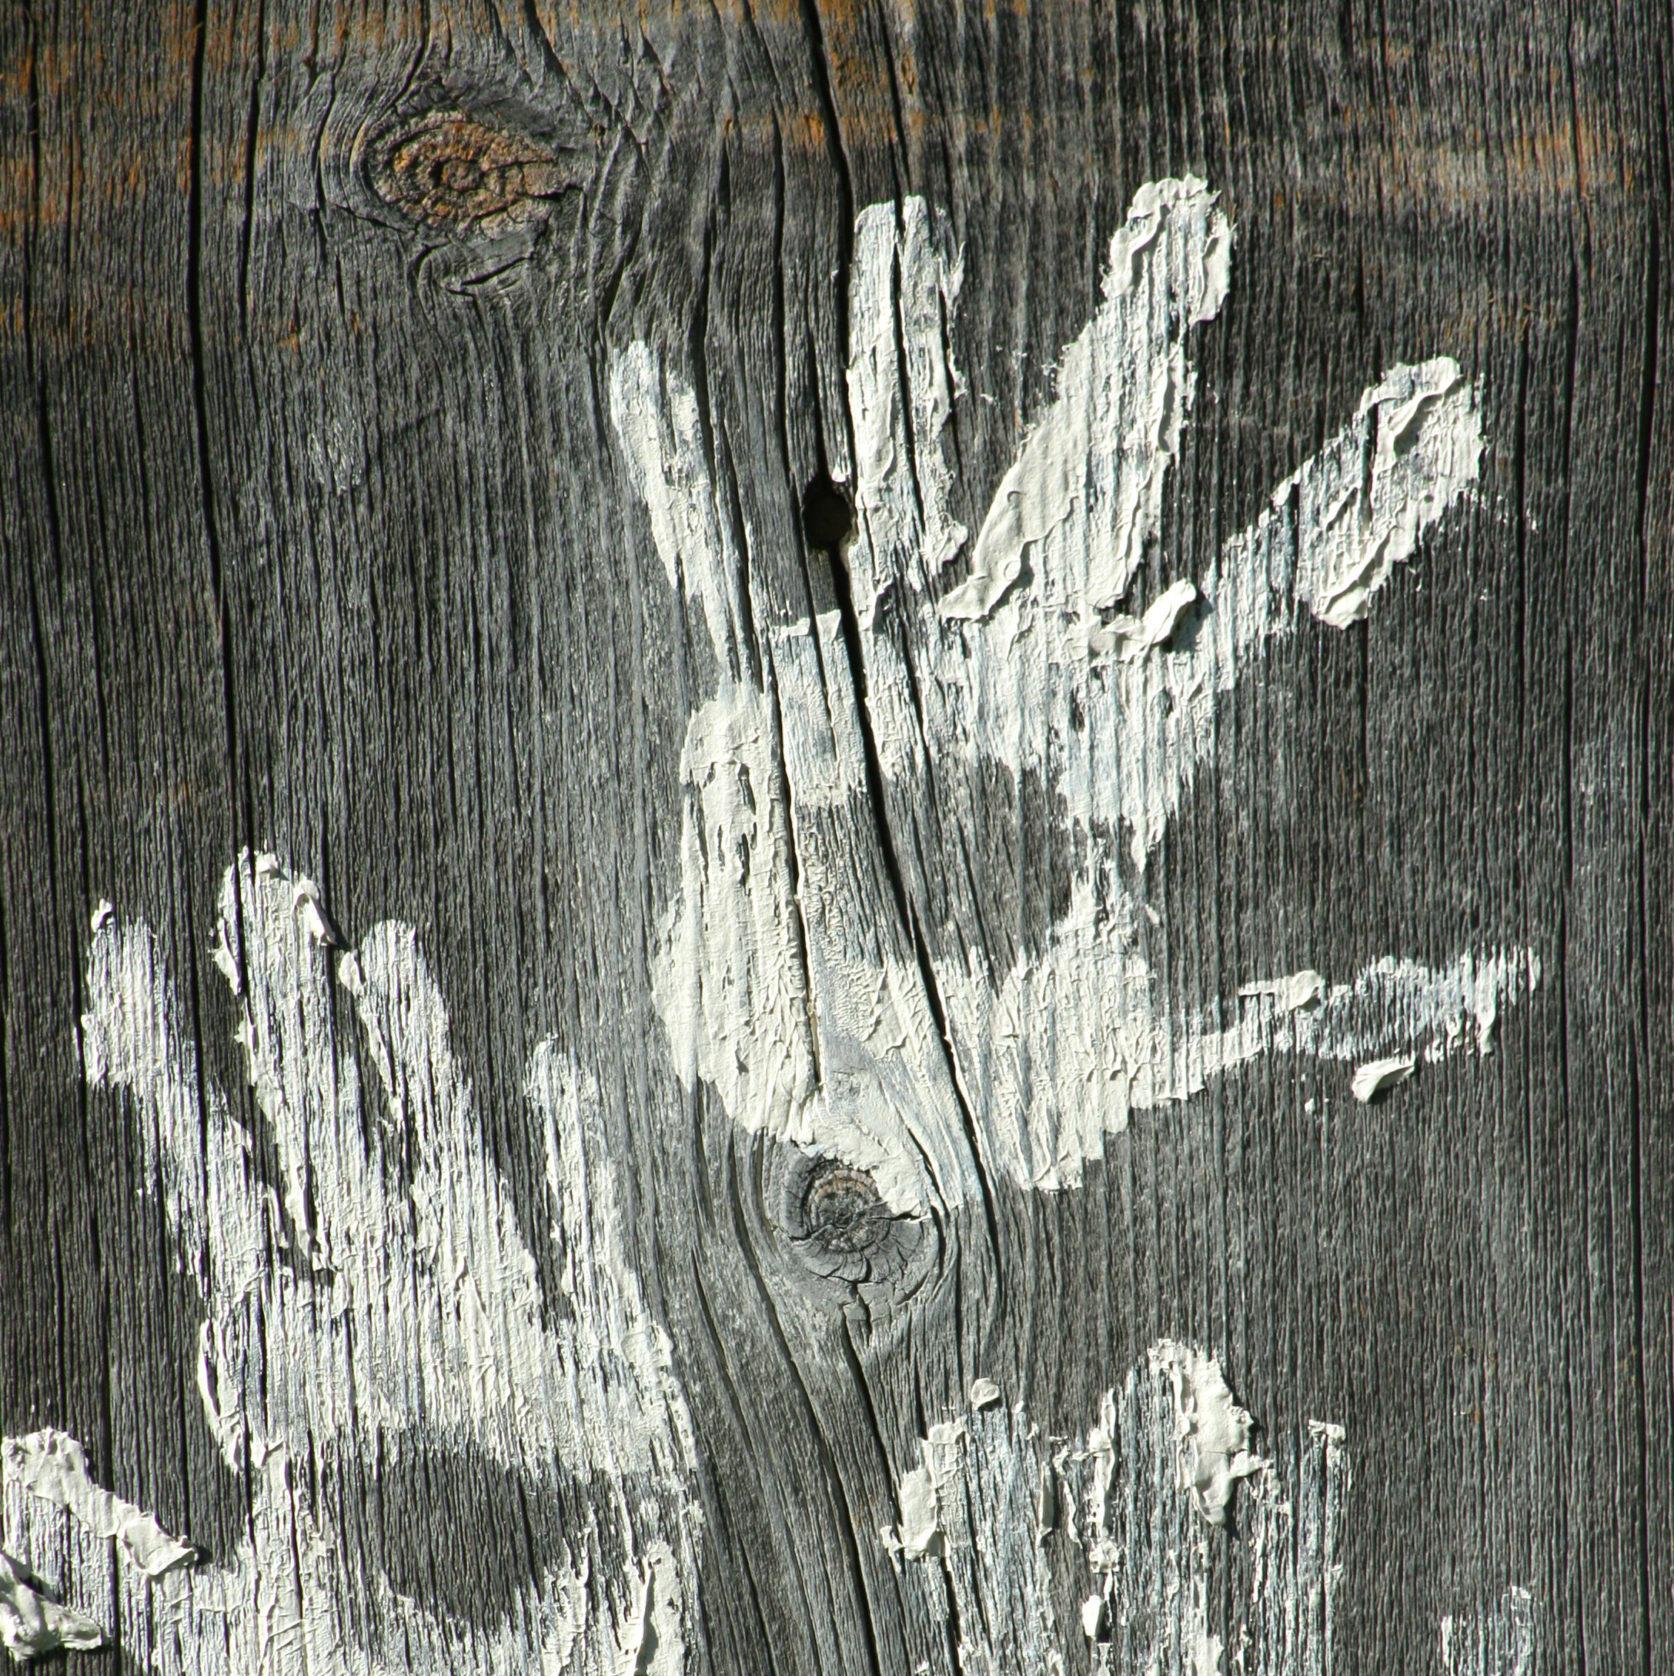 Lehm-Handabdrücke auf ungehobeltem Holz